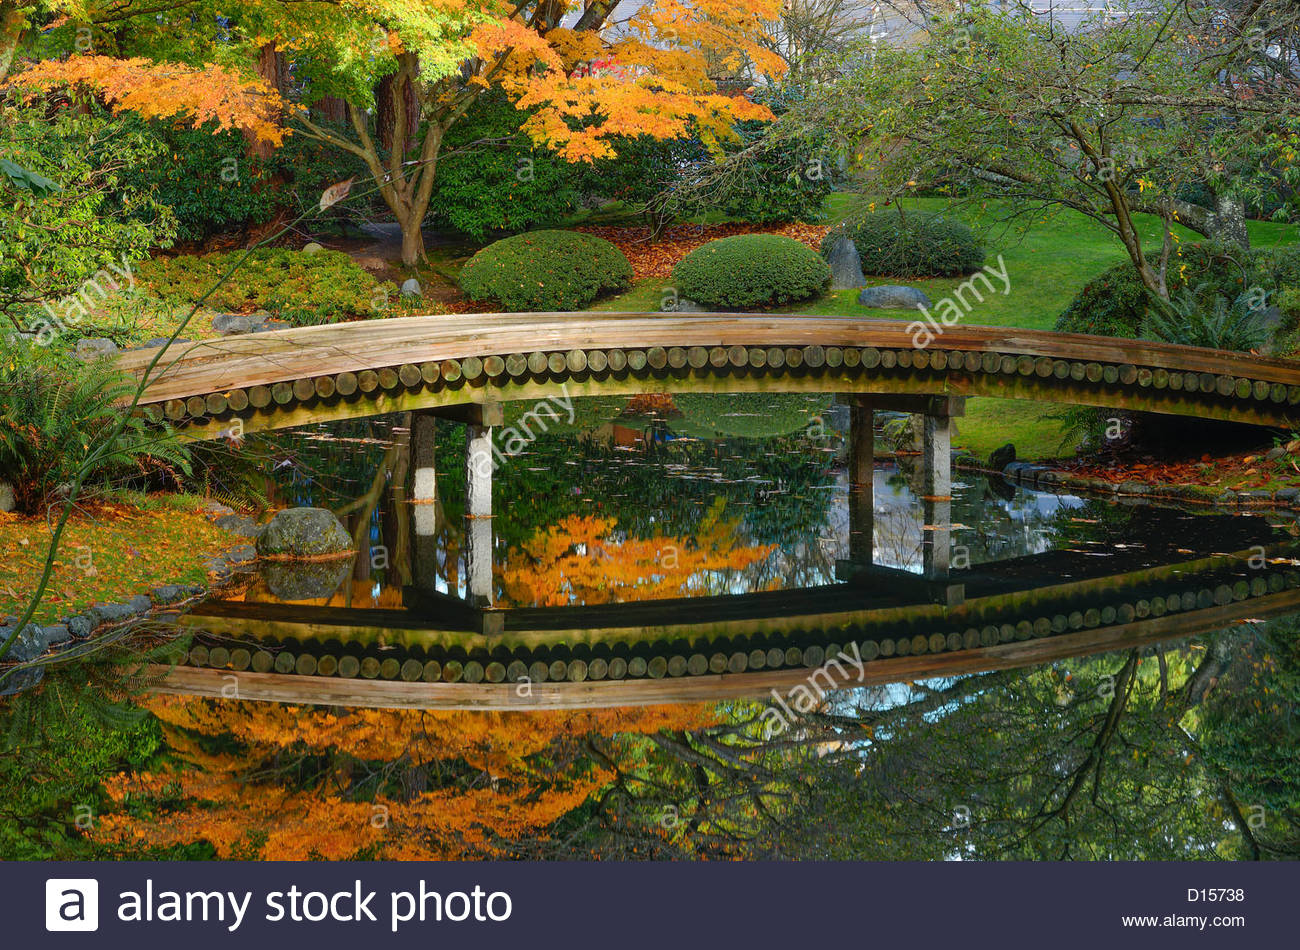 Nitobe Memorial Garden, a traditional Japanese garden UBC, Vancouver, British Columbia, Canada